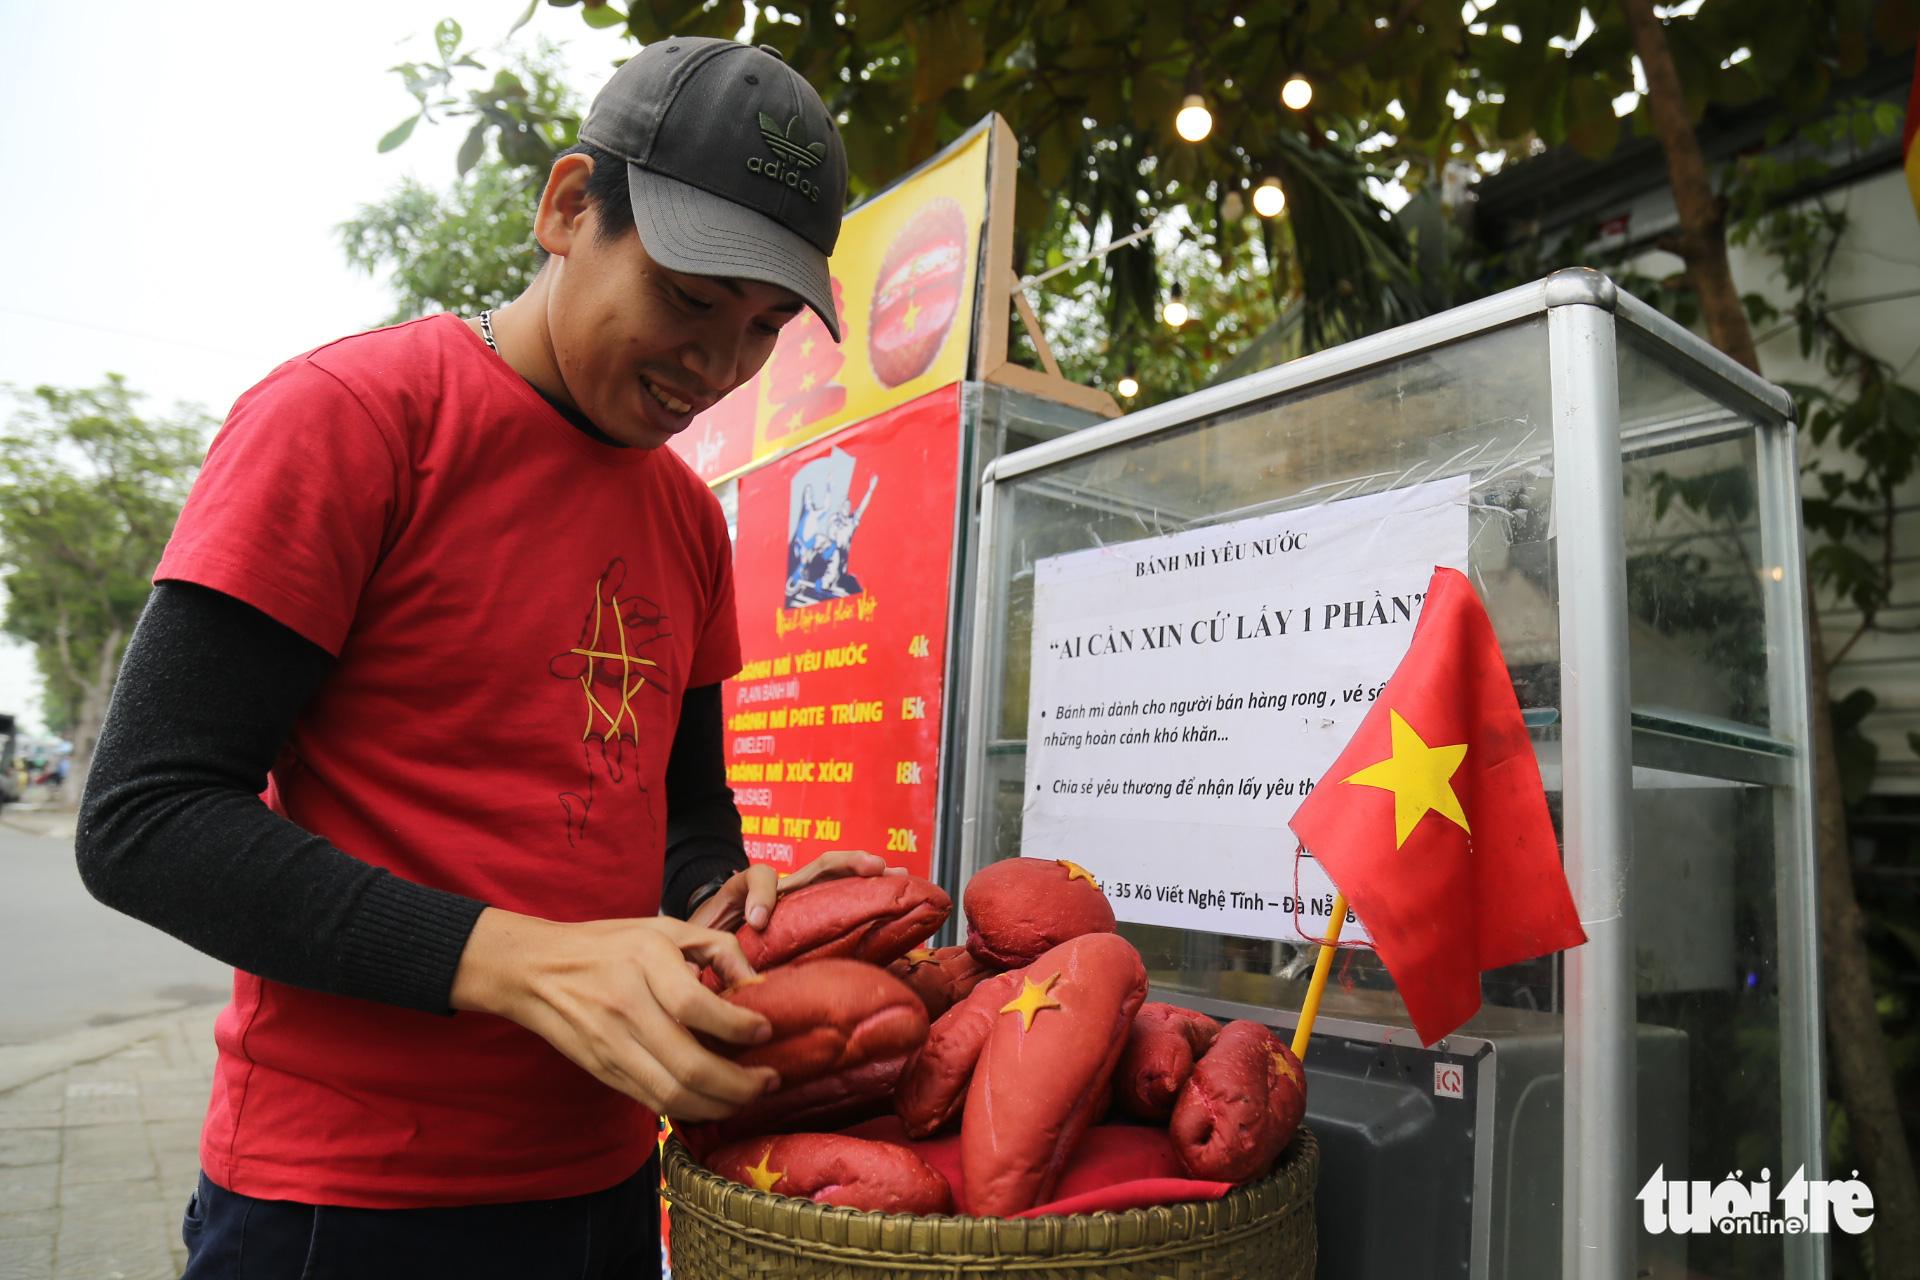 Nguyen Minh Hoa checks the banh mi at his Banh mi yeu nuoc stand in Da Nang City, Vietnam. Photo: Doan Nhan / Tuoi Tre